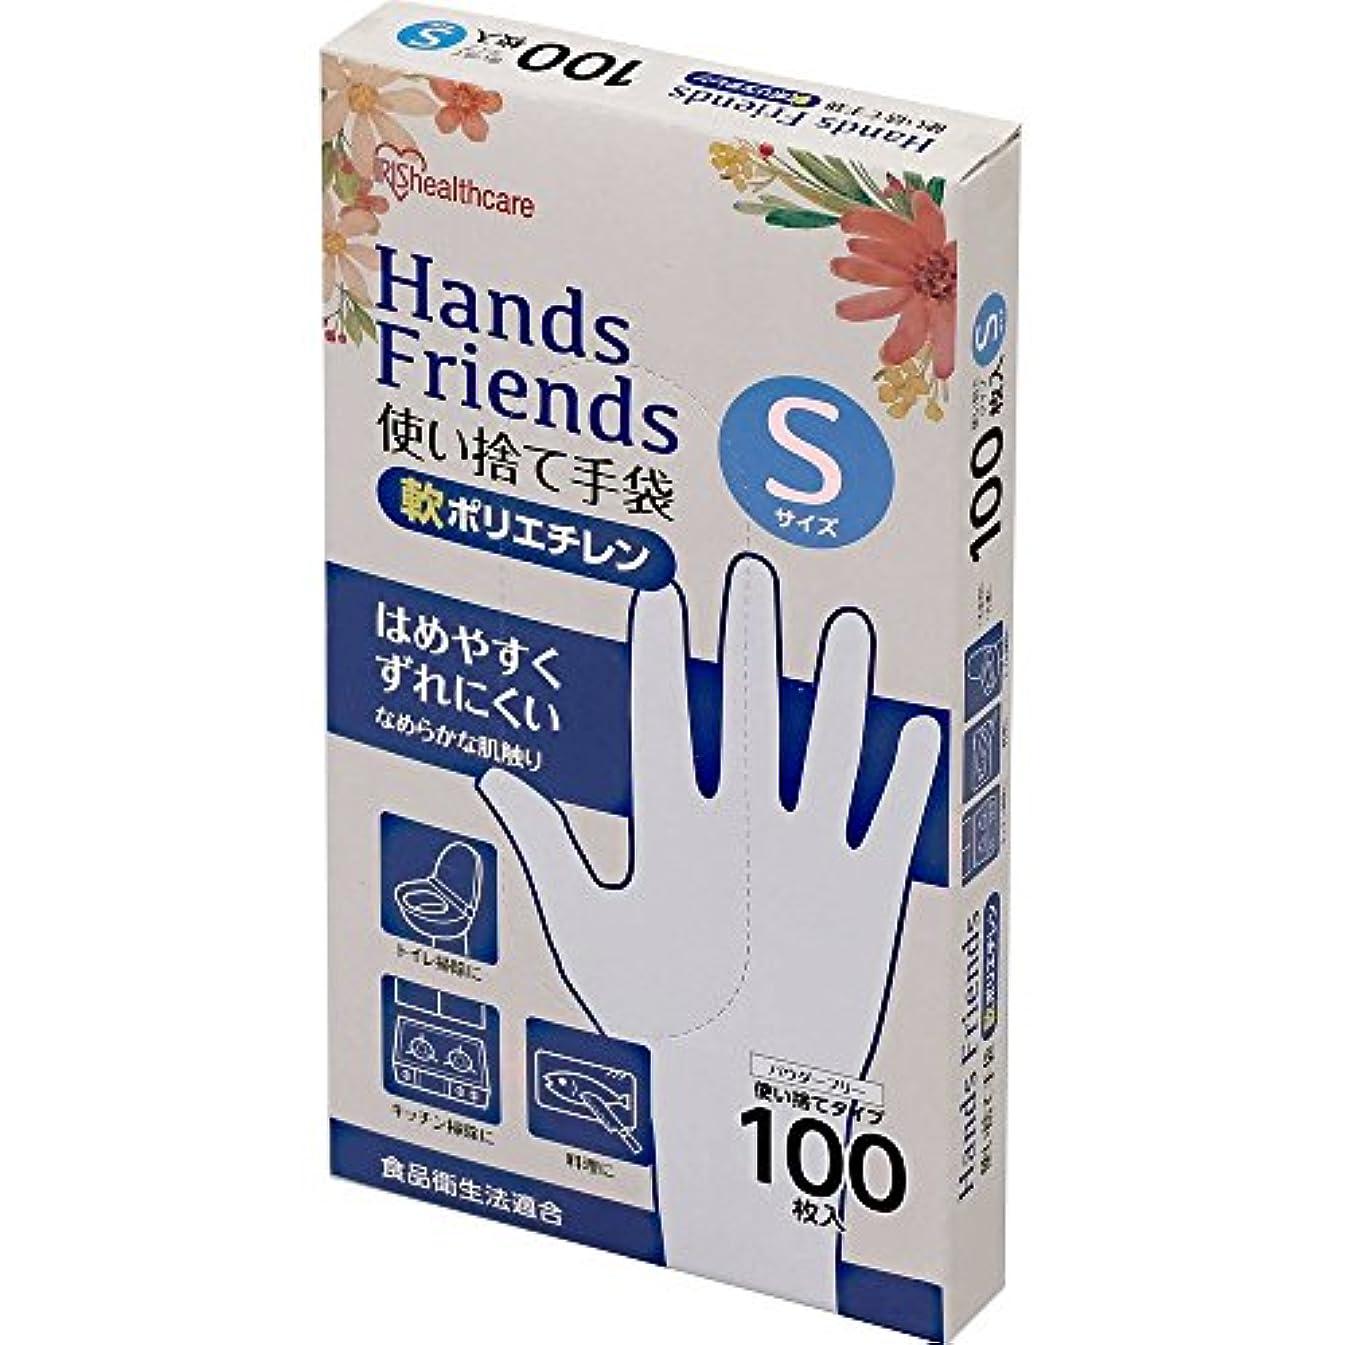 バウンス計算する絶対の使い捨て手袋 軟ポリエチレン手袋 Sサイズ 粉なし パウダーフリー クリア 100枚入